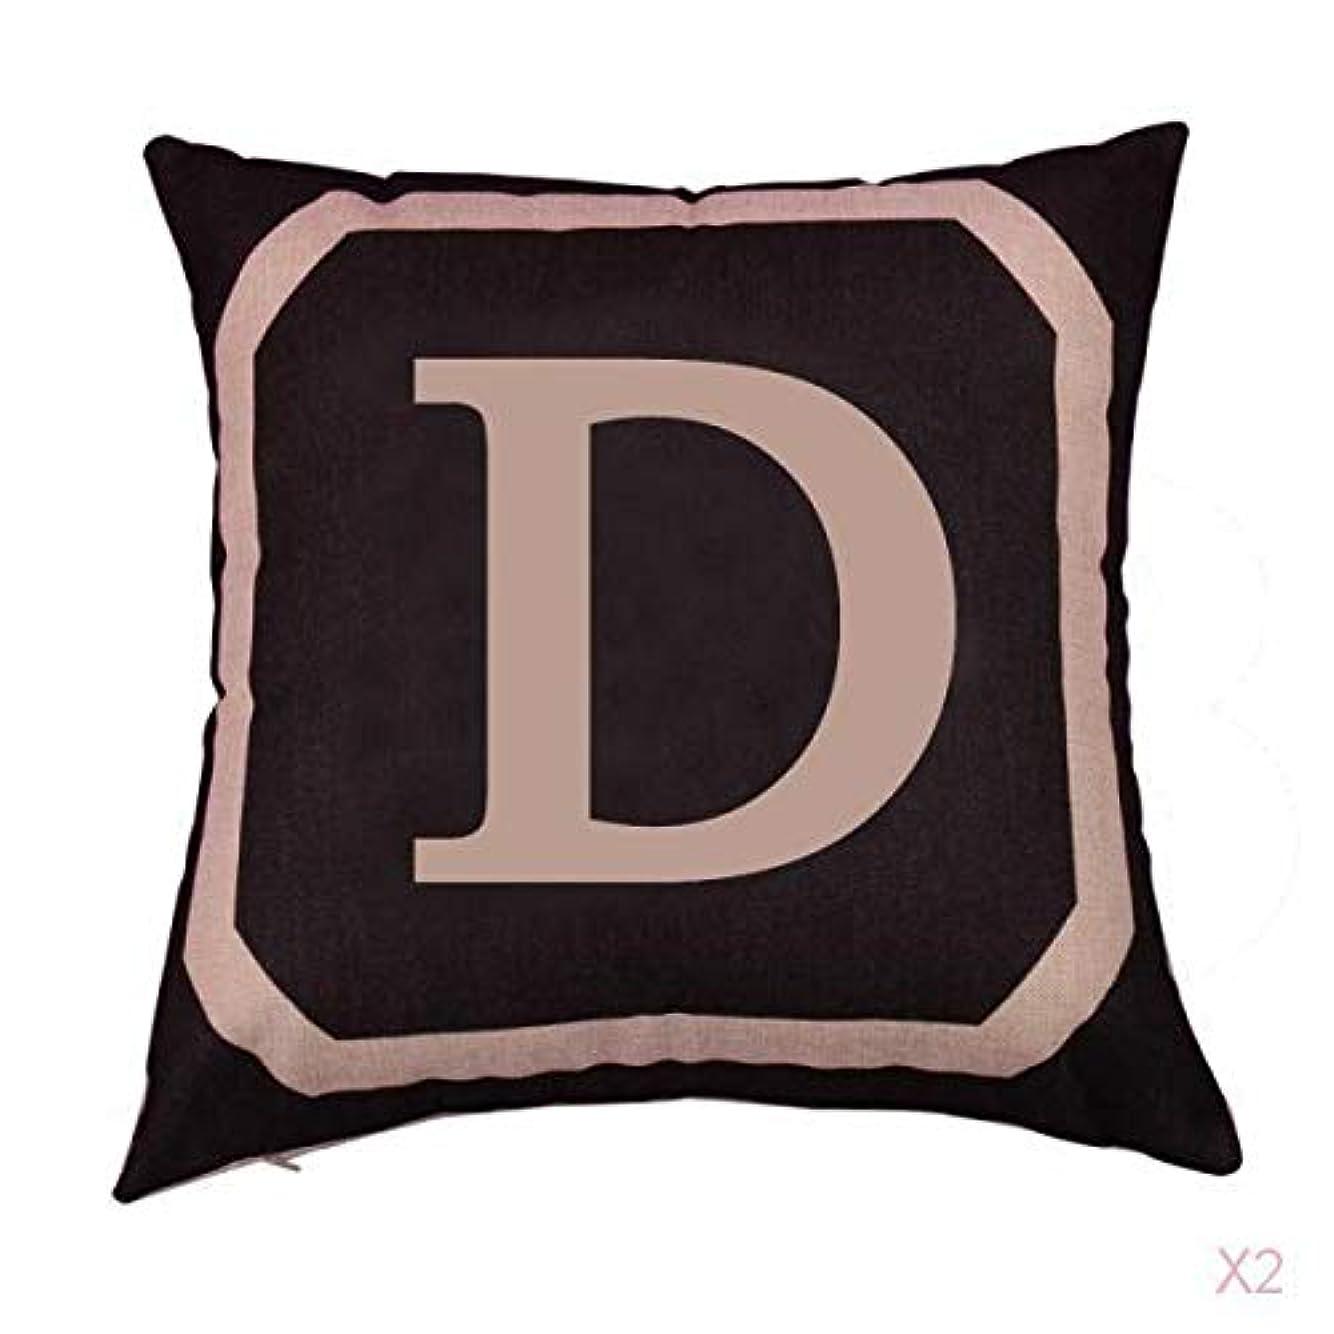 メイトターゲット批判する正方形の綿のリネンスローピローケース腰クッションカバーベッドソファ装飾さd